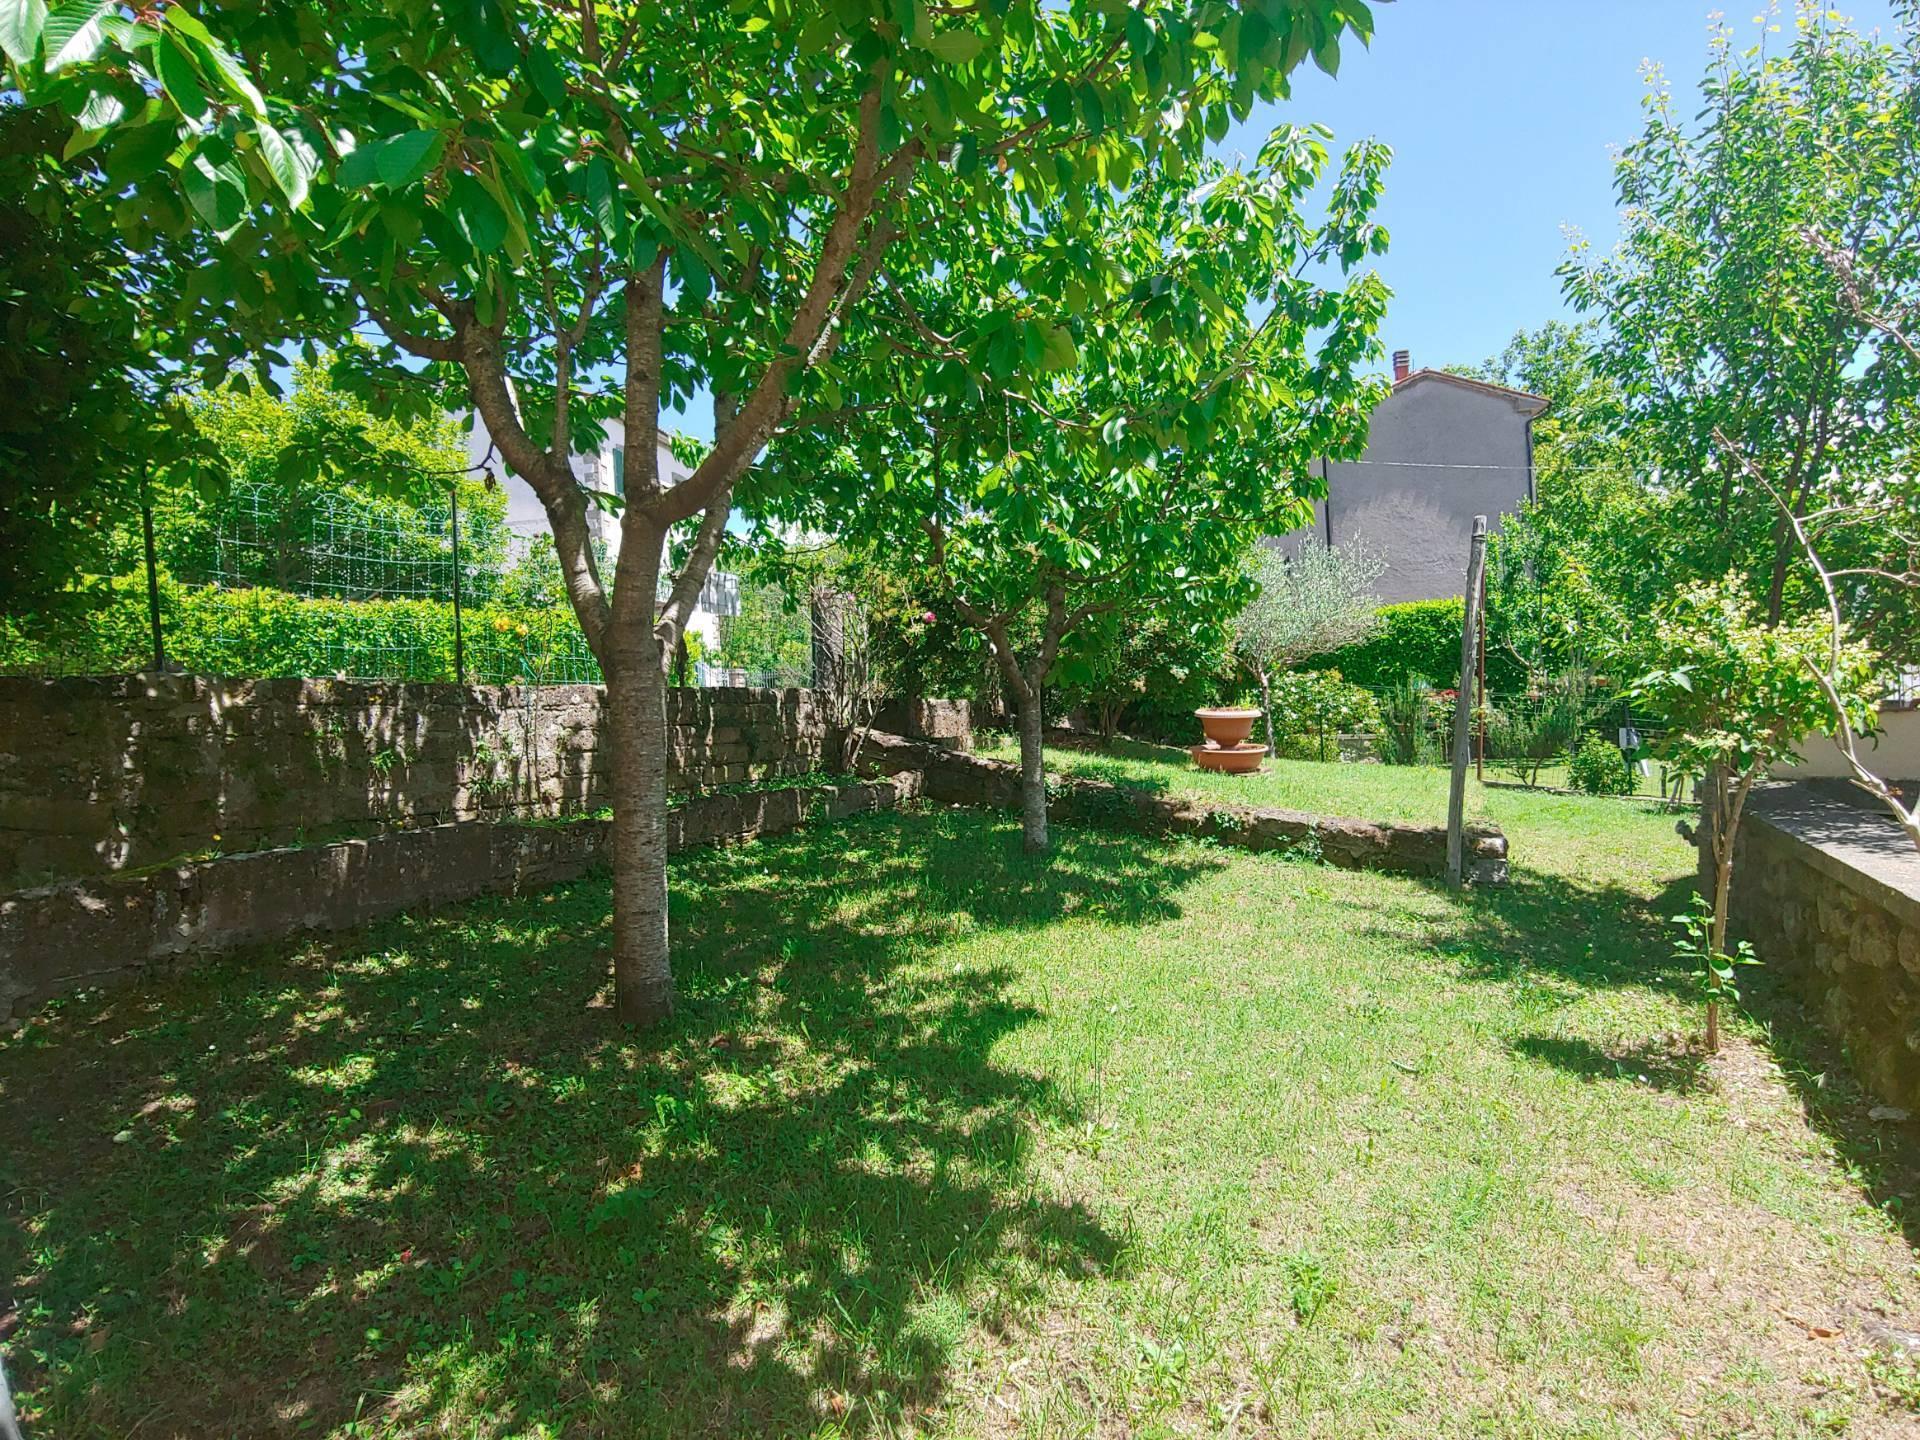 Appartamento in vendita a Santa Fiora, 3 locali, zona Zona: Bagnore, prezzo € 85.000 | CambioCasa.it